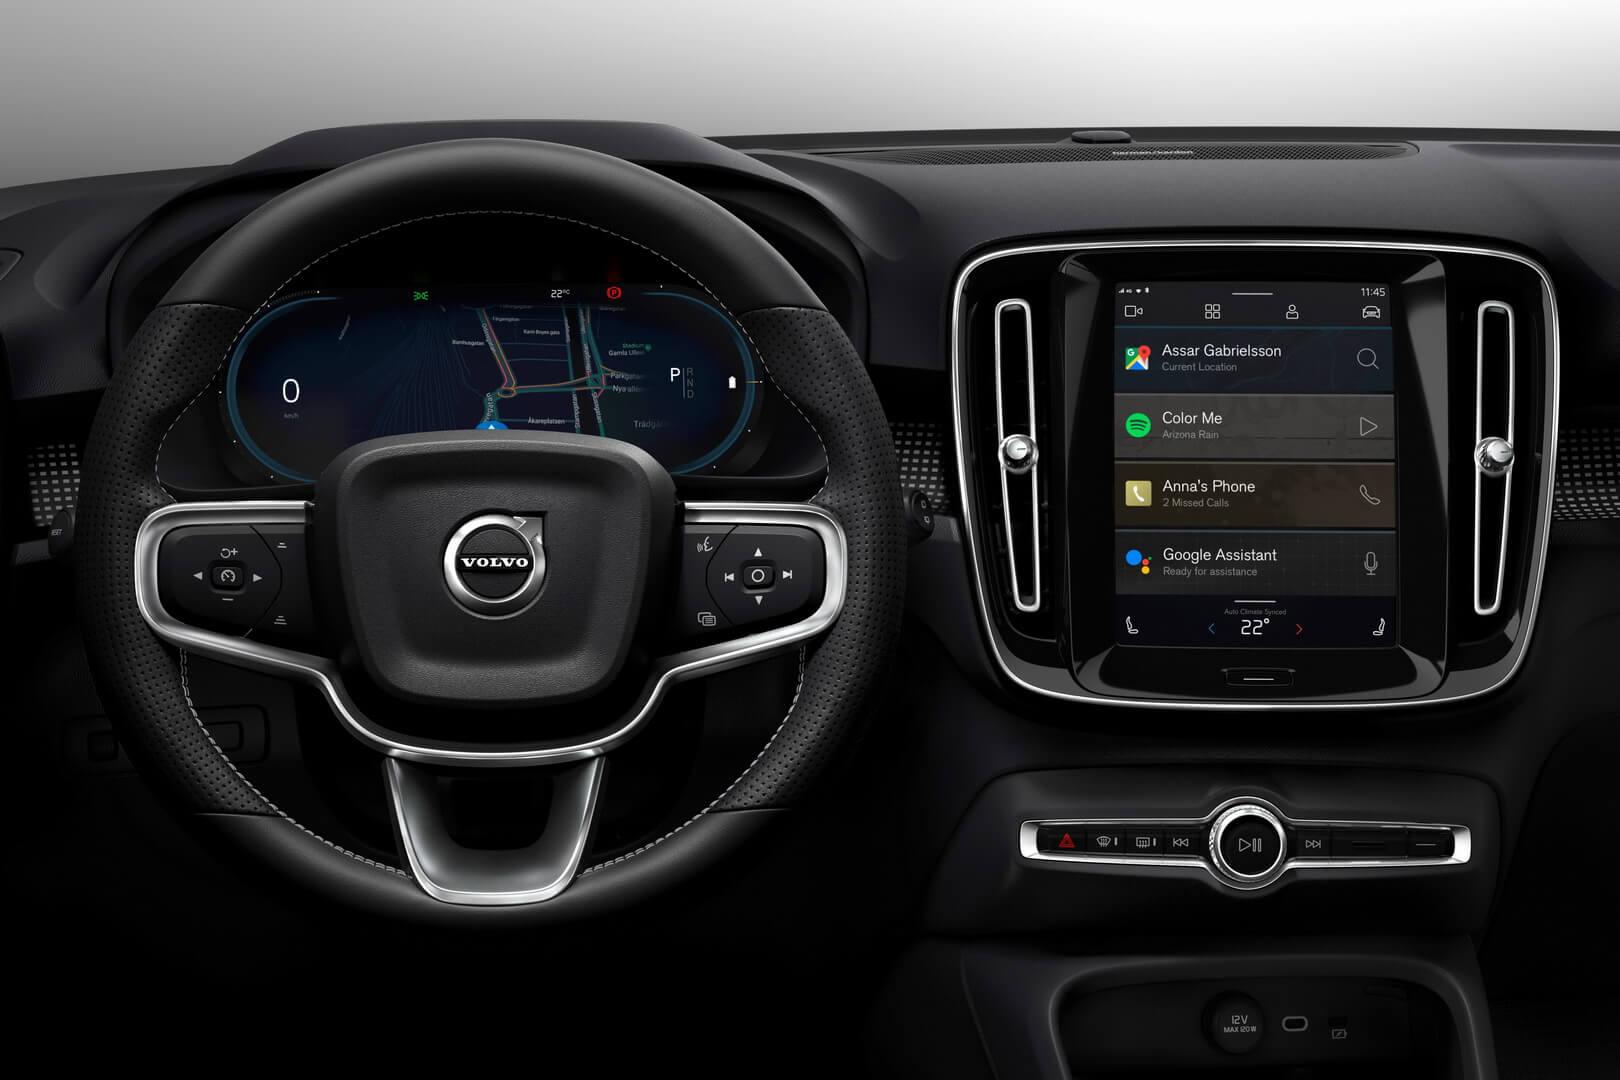 Нова інформаційно-розважальна система в Volvo XC40 на базі Android з вбудованими технологіями Google